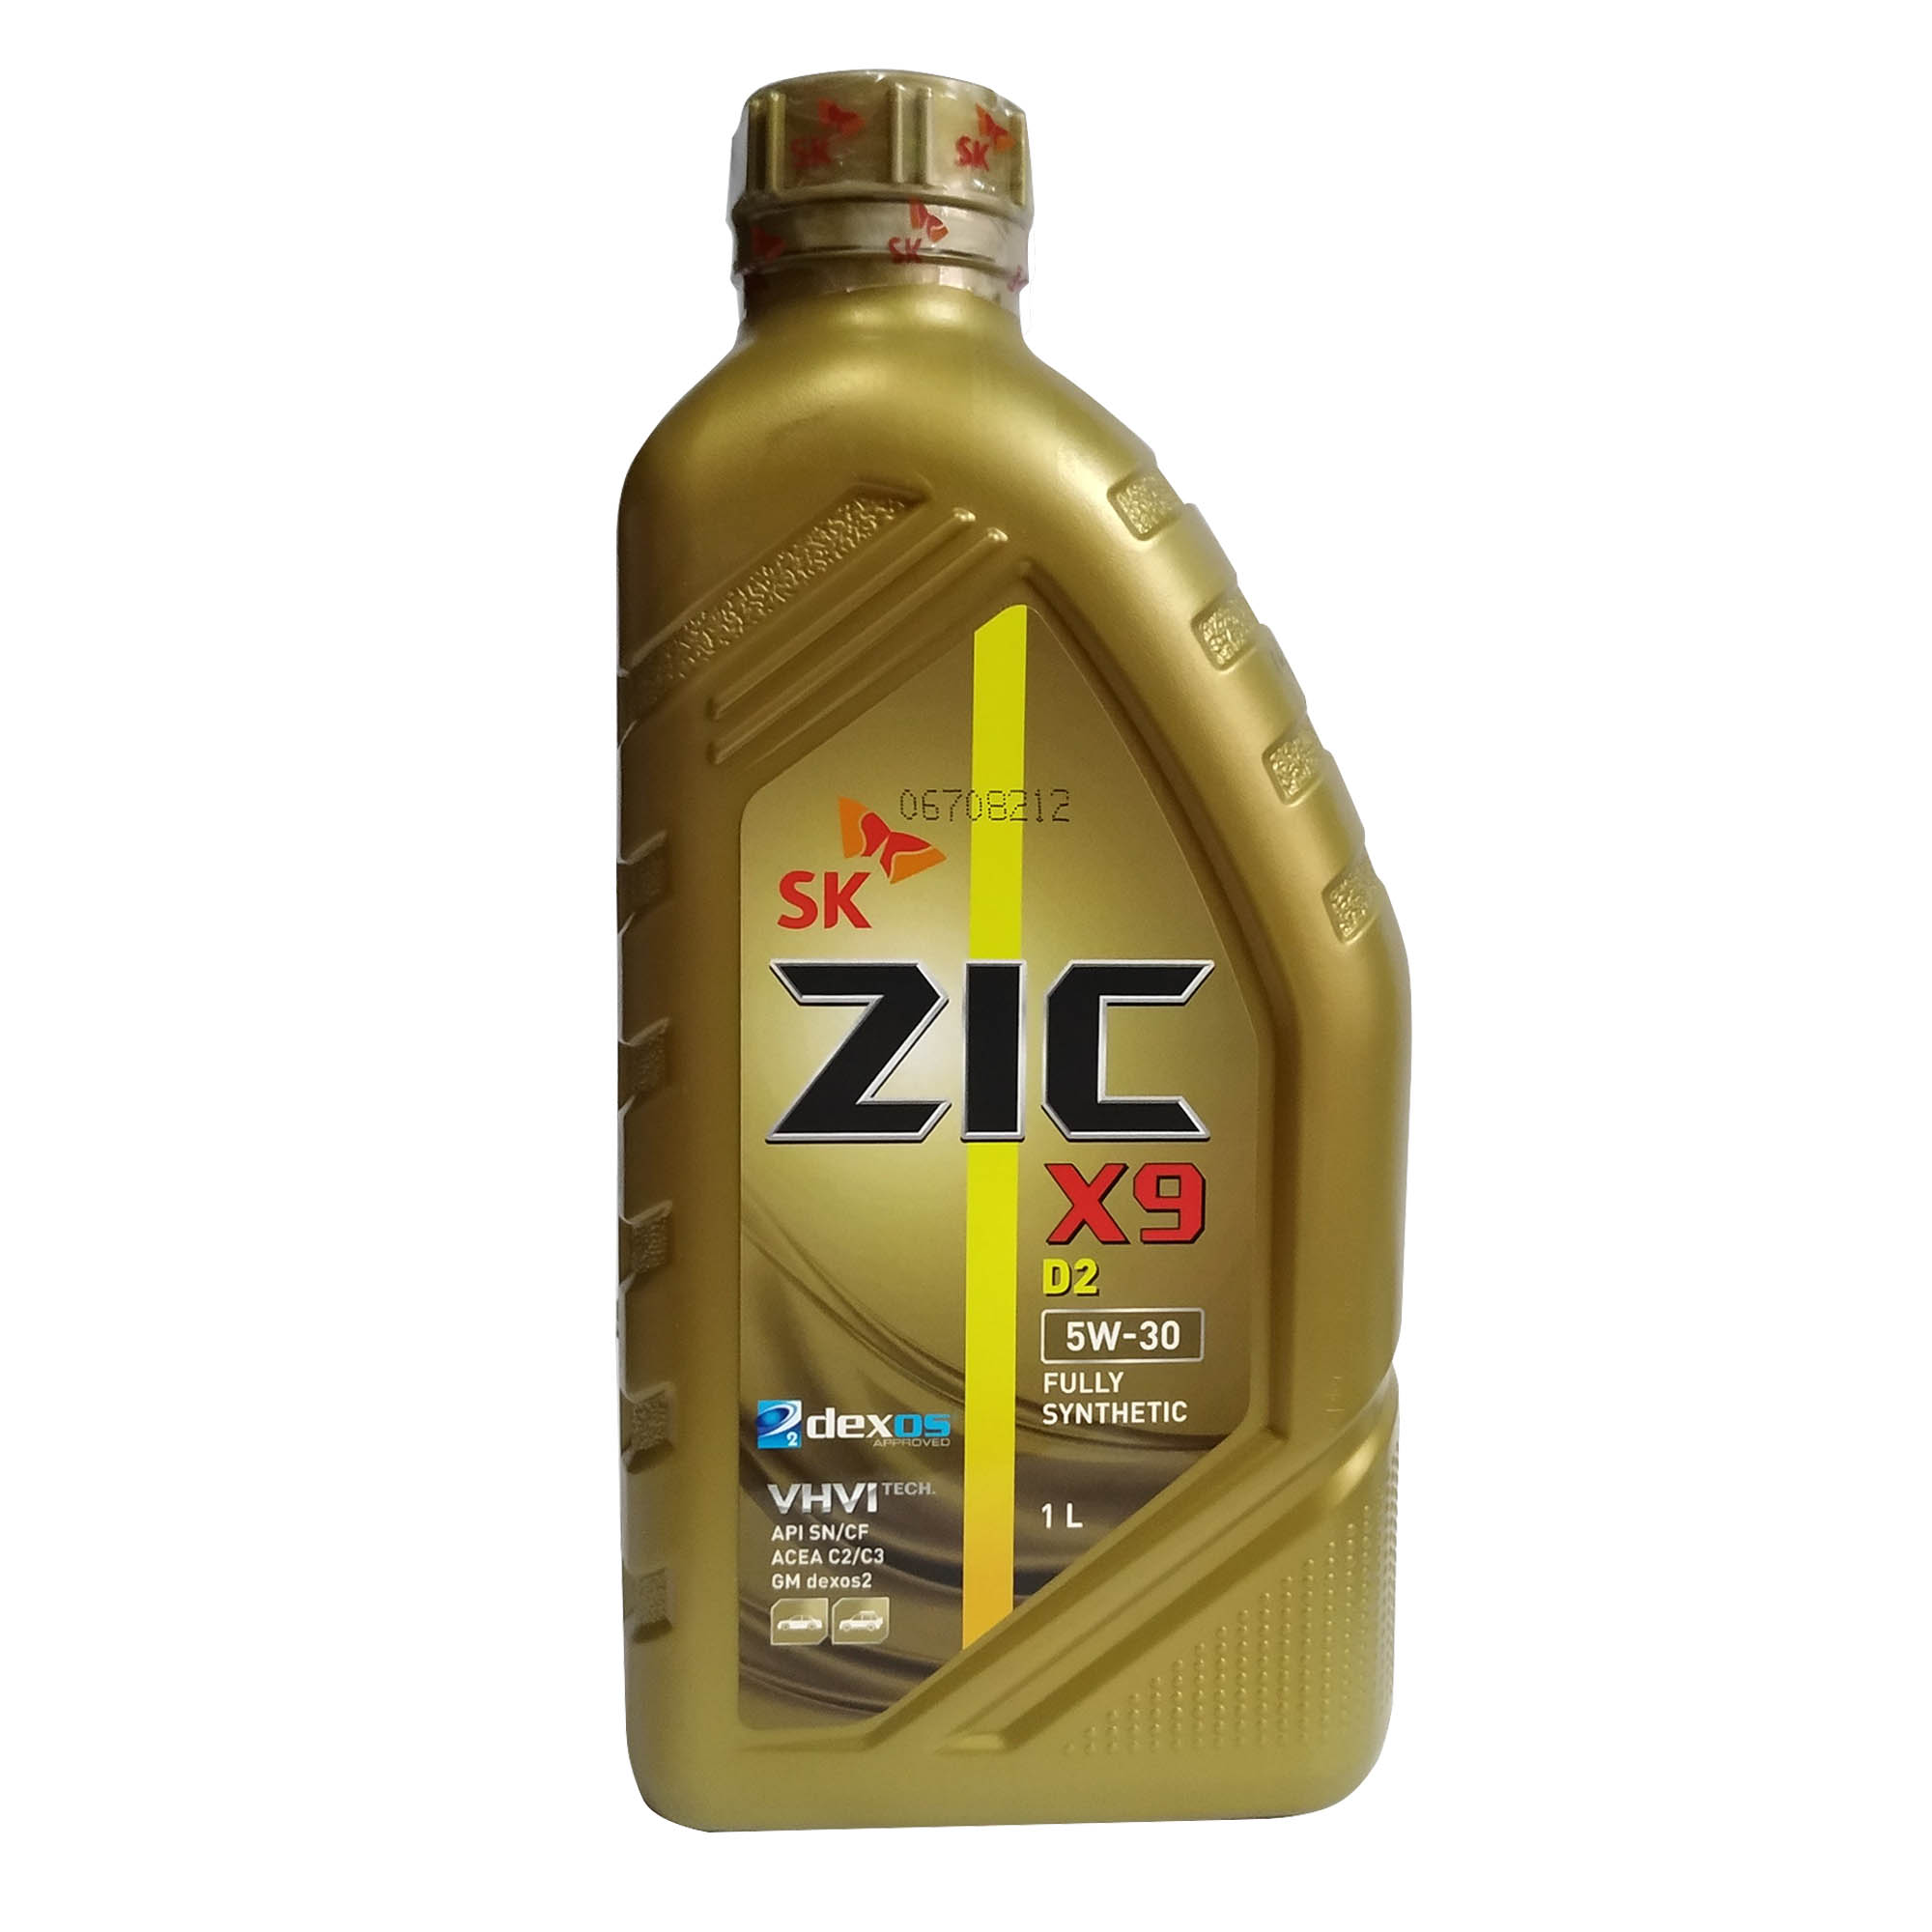 SK ZIC X9 D2 (Dexos2) 5W-30 Fully Synthetic Motor Oil 1L ( 1 Liter ) Dexos  Approved